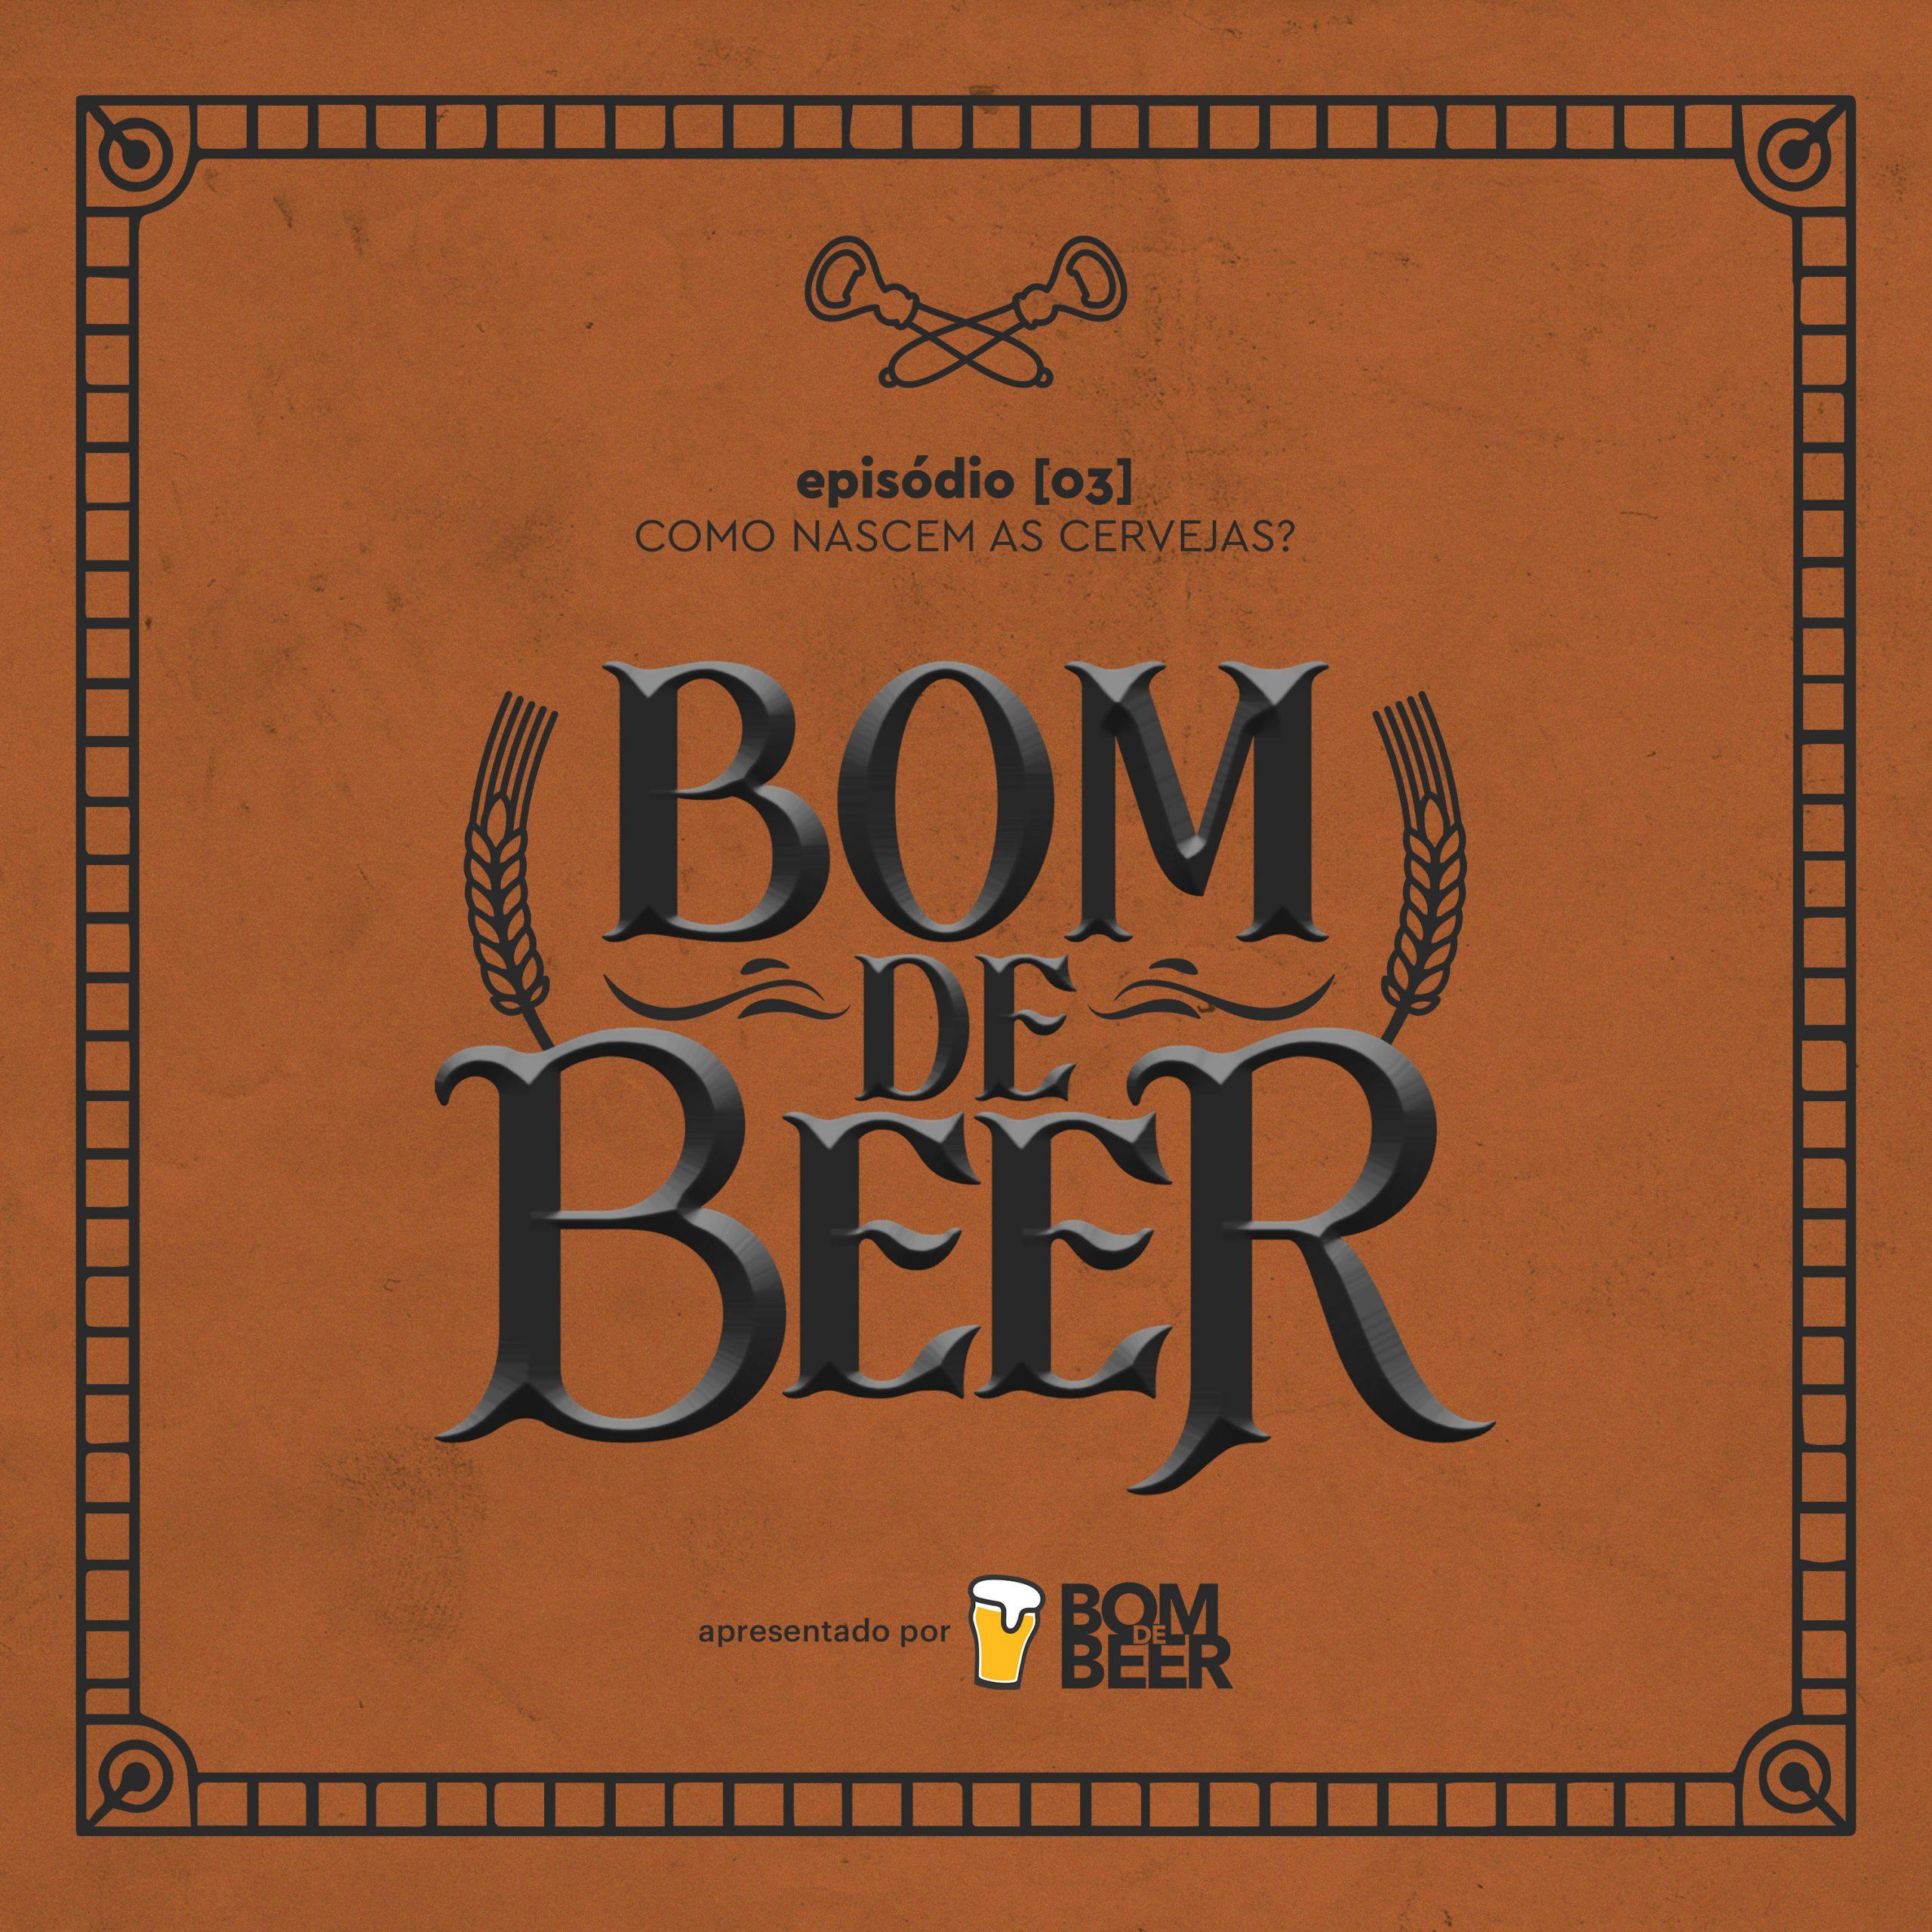 Capa - Ep. 3: Como nascem as cervejas?